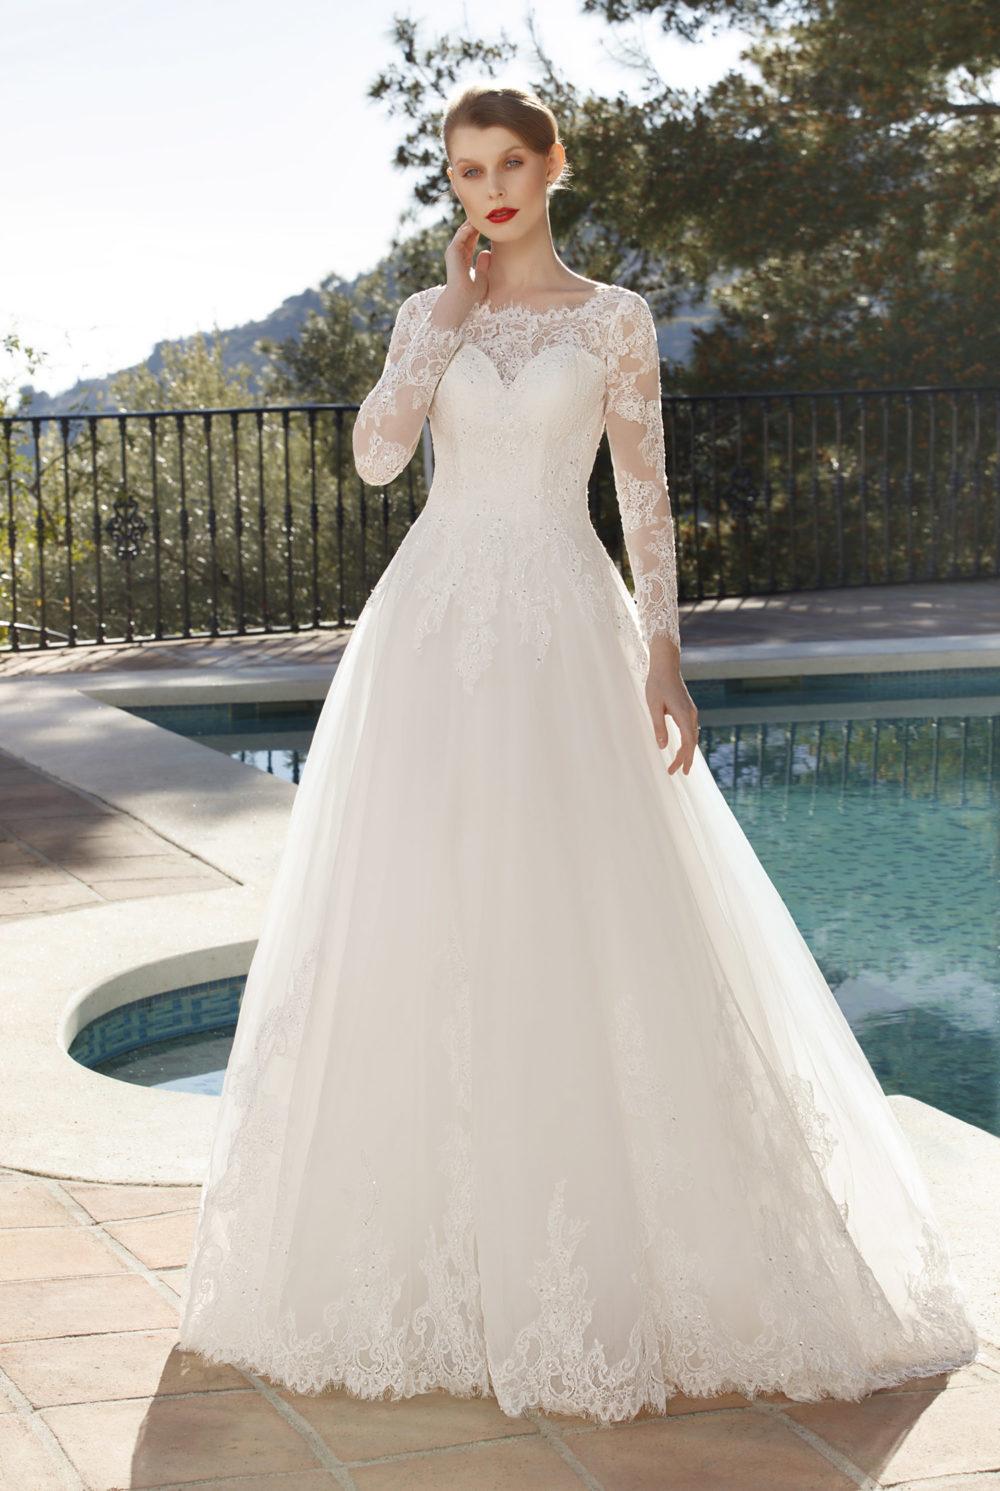 Mariages: abito da sposa Curvy 2020 a Vicenza, Verona, Padova, Veneto Truelove